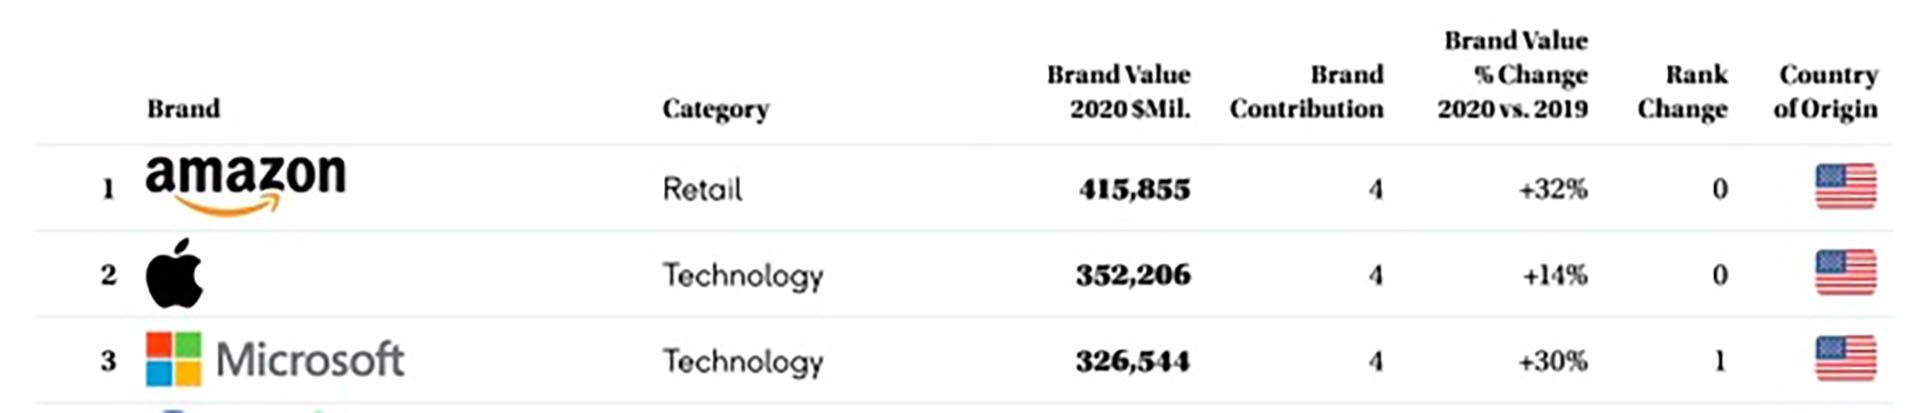 El ranking de marcas más valiosas no tiene automotrices en los principales lugares.